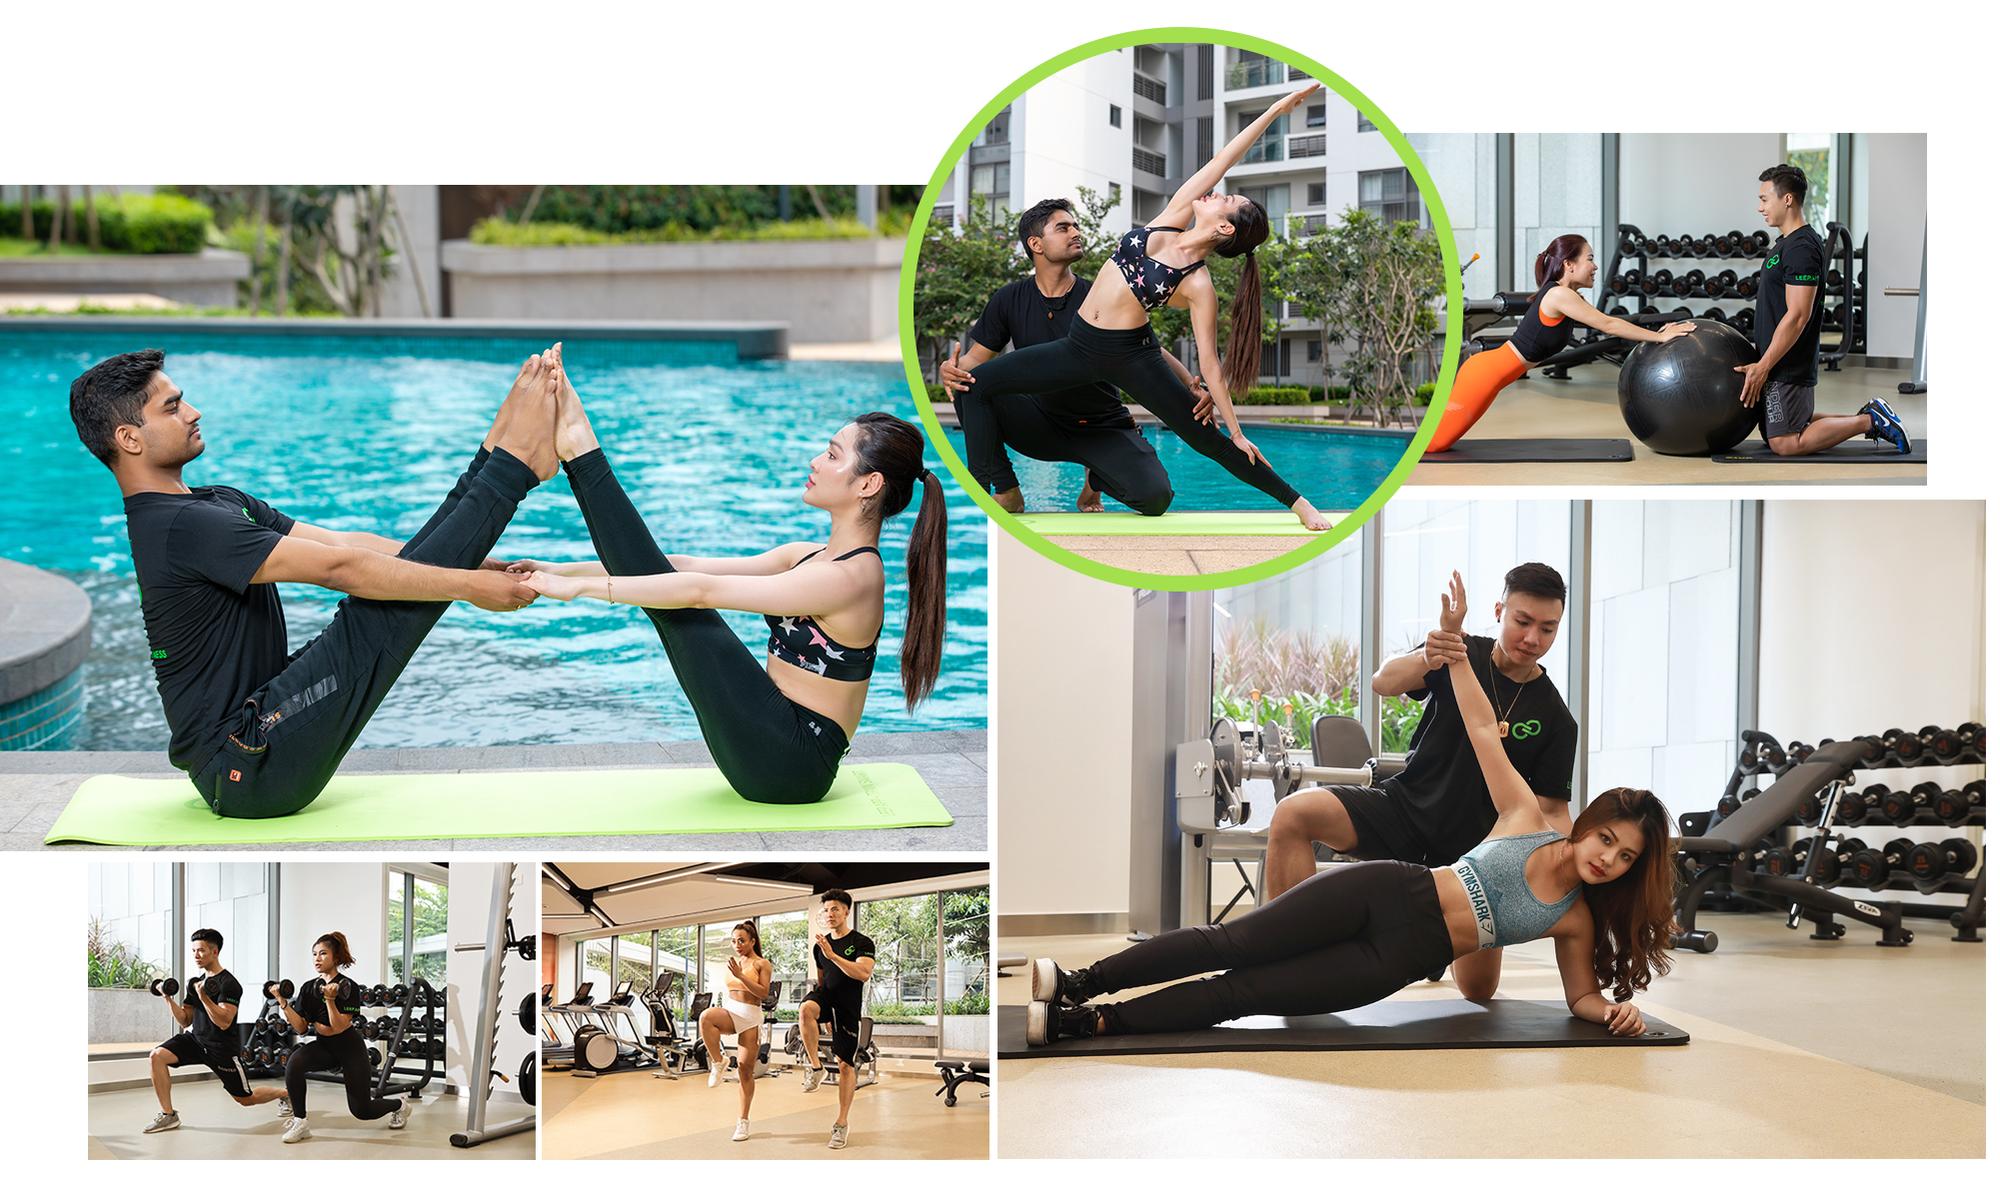 Chủ tịch CMG.ASIA Randy Dobson và cuộc tái sinh của người đi đầu ngành fitness: Tiên phong nền tảng LEEP App đem đến nguồn cảm hứng về cuộc sống tốt đẹp hơn - Ảnh 9.